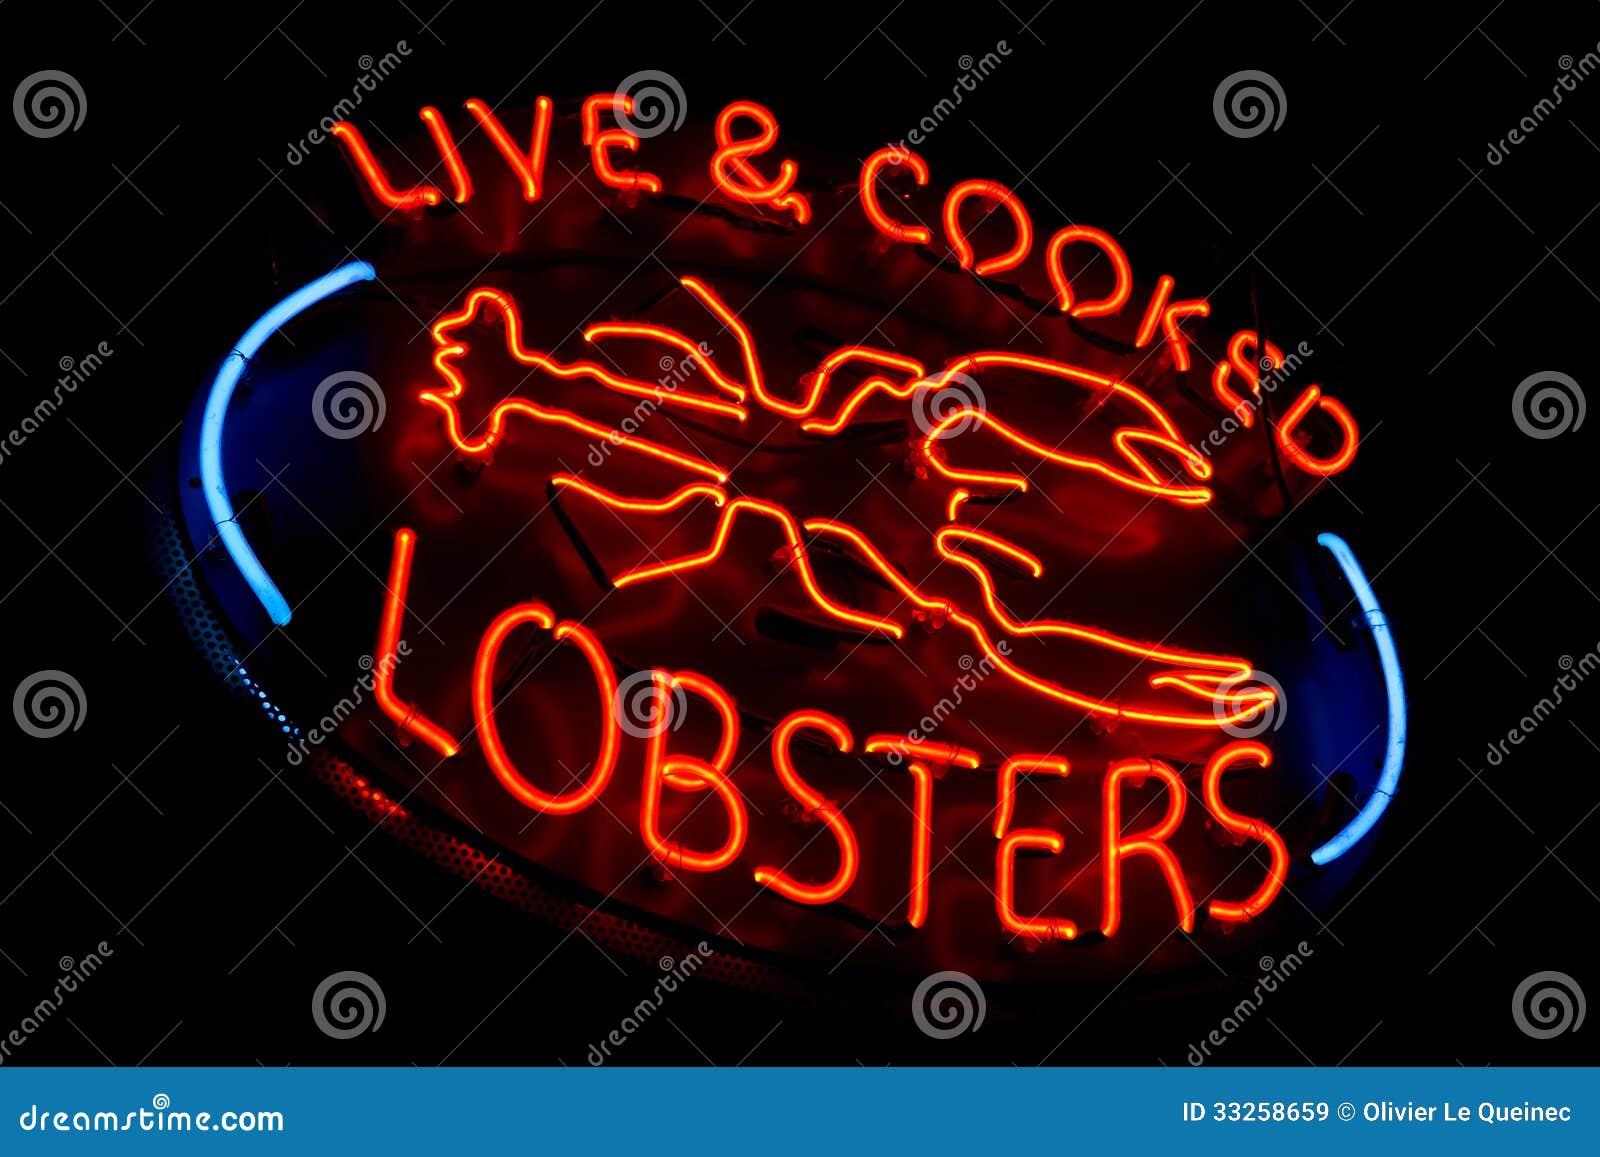 Leef en kookte de Opslagteken van het Zeekreeften Oud Neonlicht